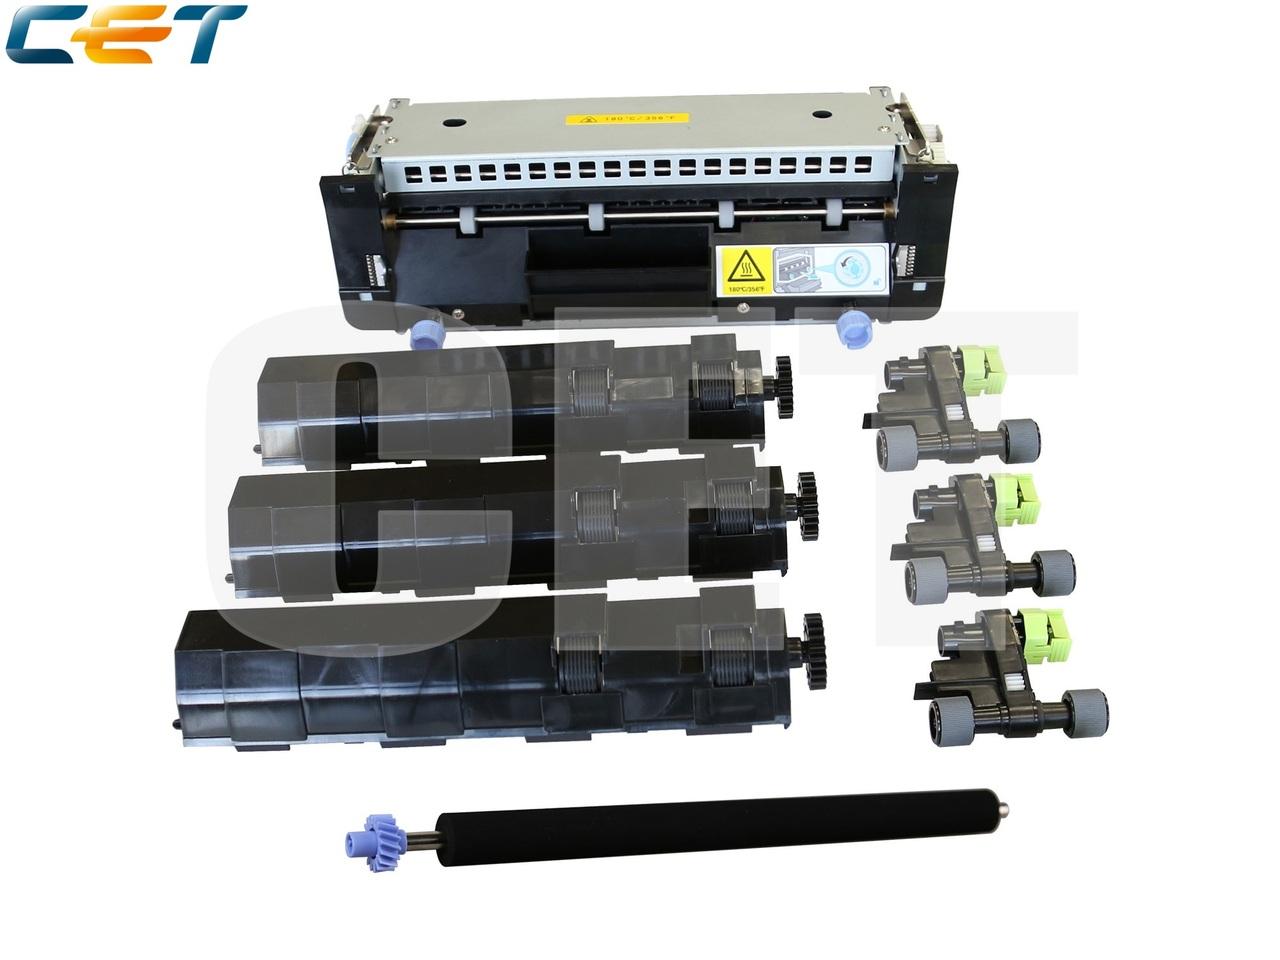 Ремонтный комплект 40X8426 для LEXMARKMX710/MX810/MX812/MS810/MS812 (CET), CET2862